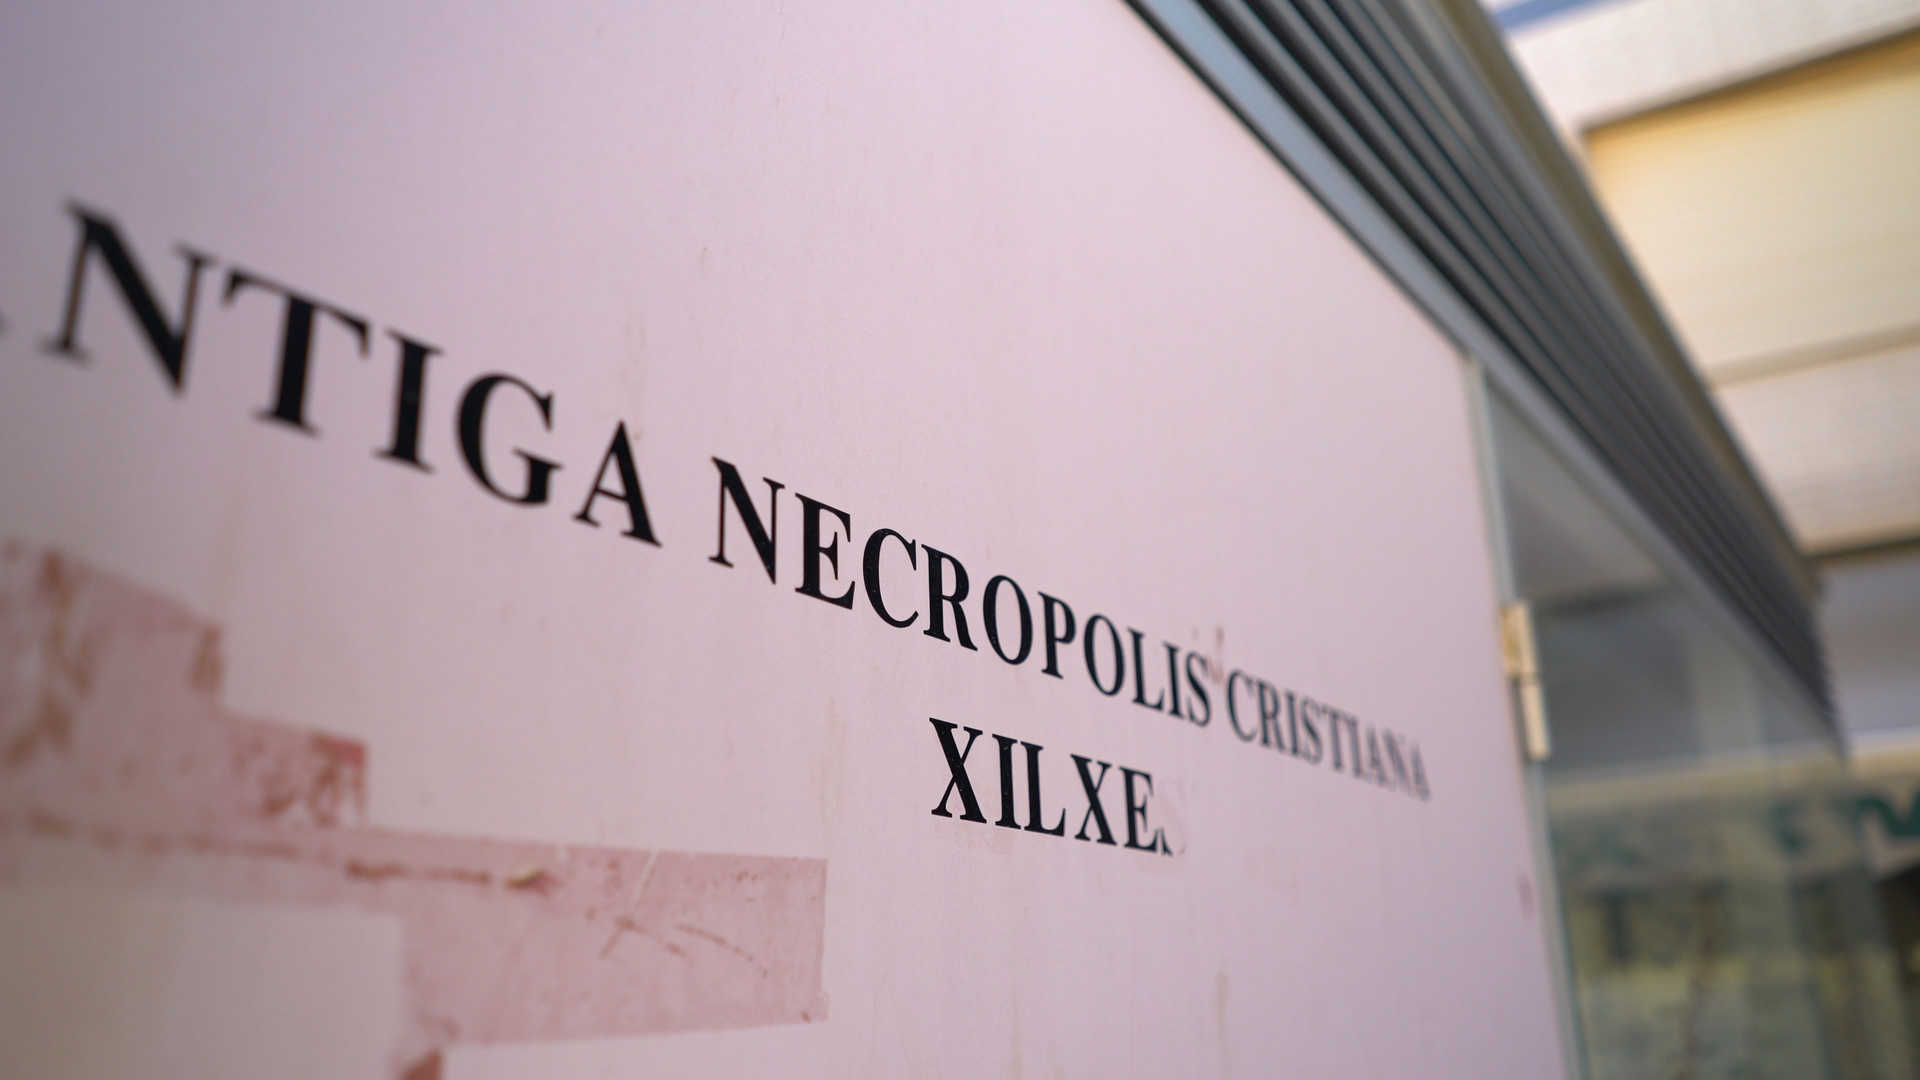 CHRISTIAN NECROPOLIS